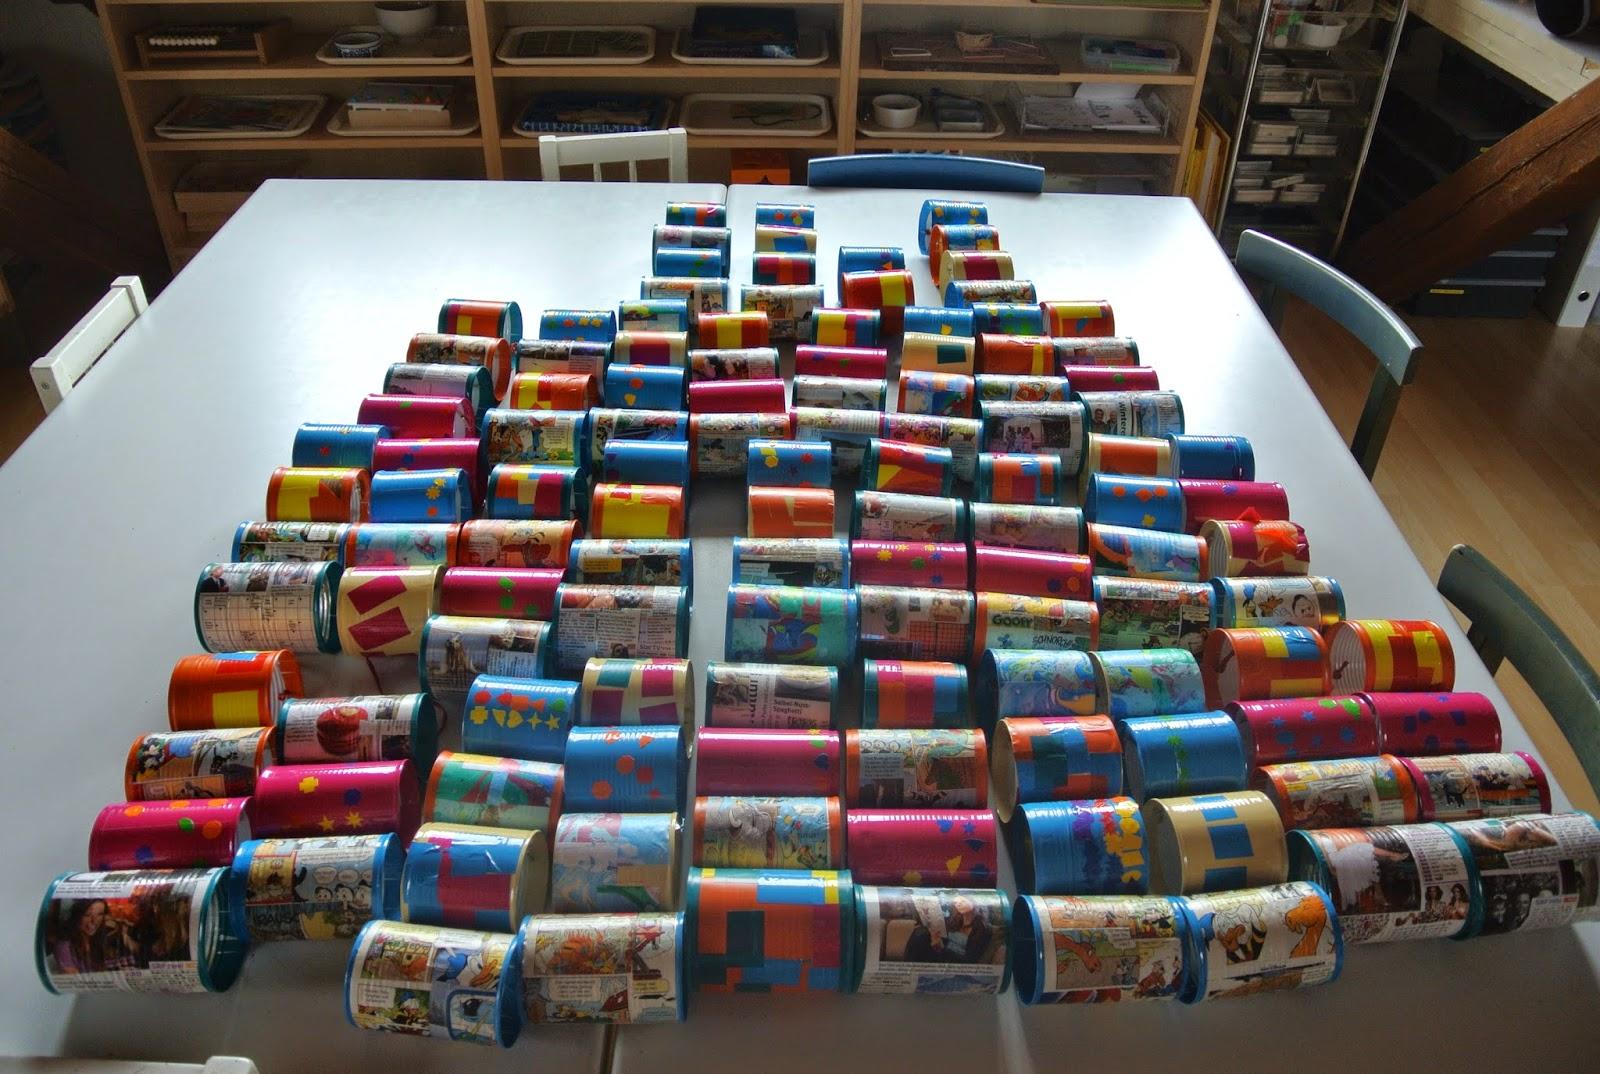 Artis kreativ werkstatt for Farbige klebefolien